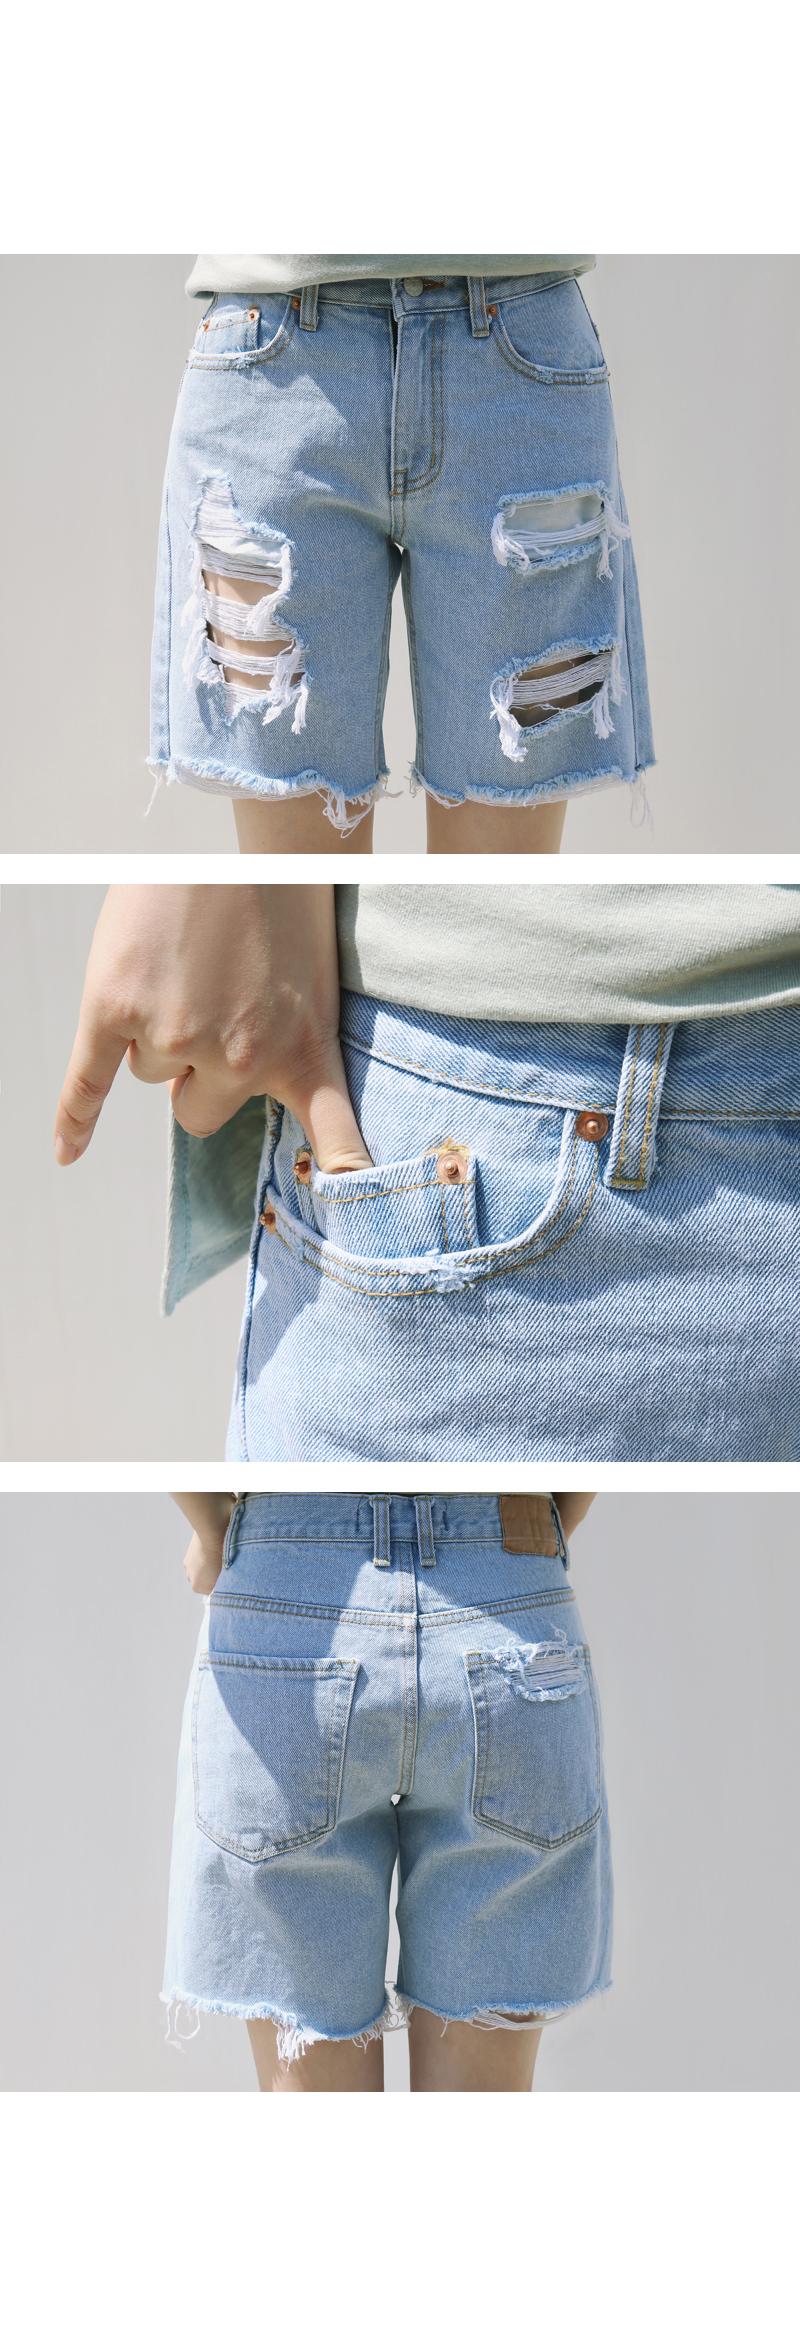 做旧牛仔短裤